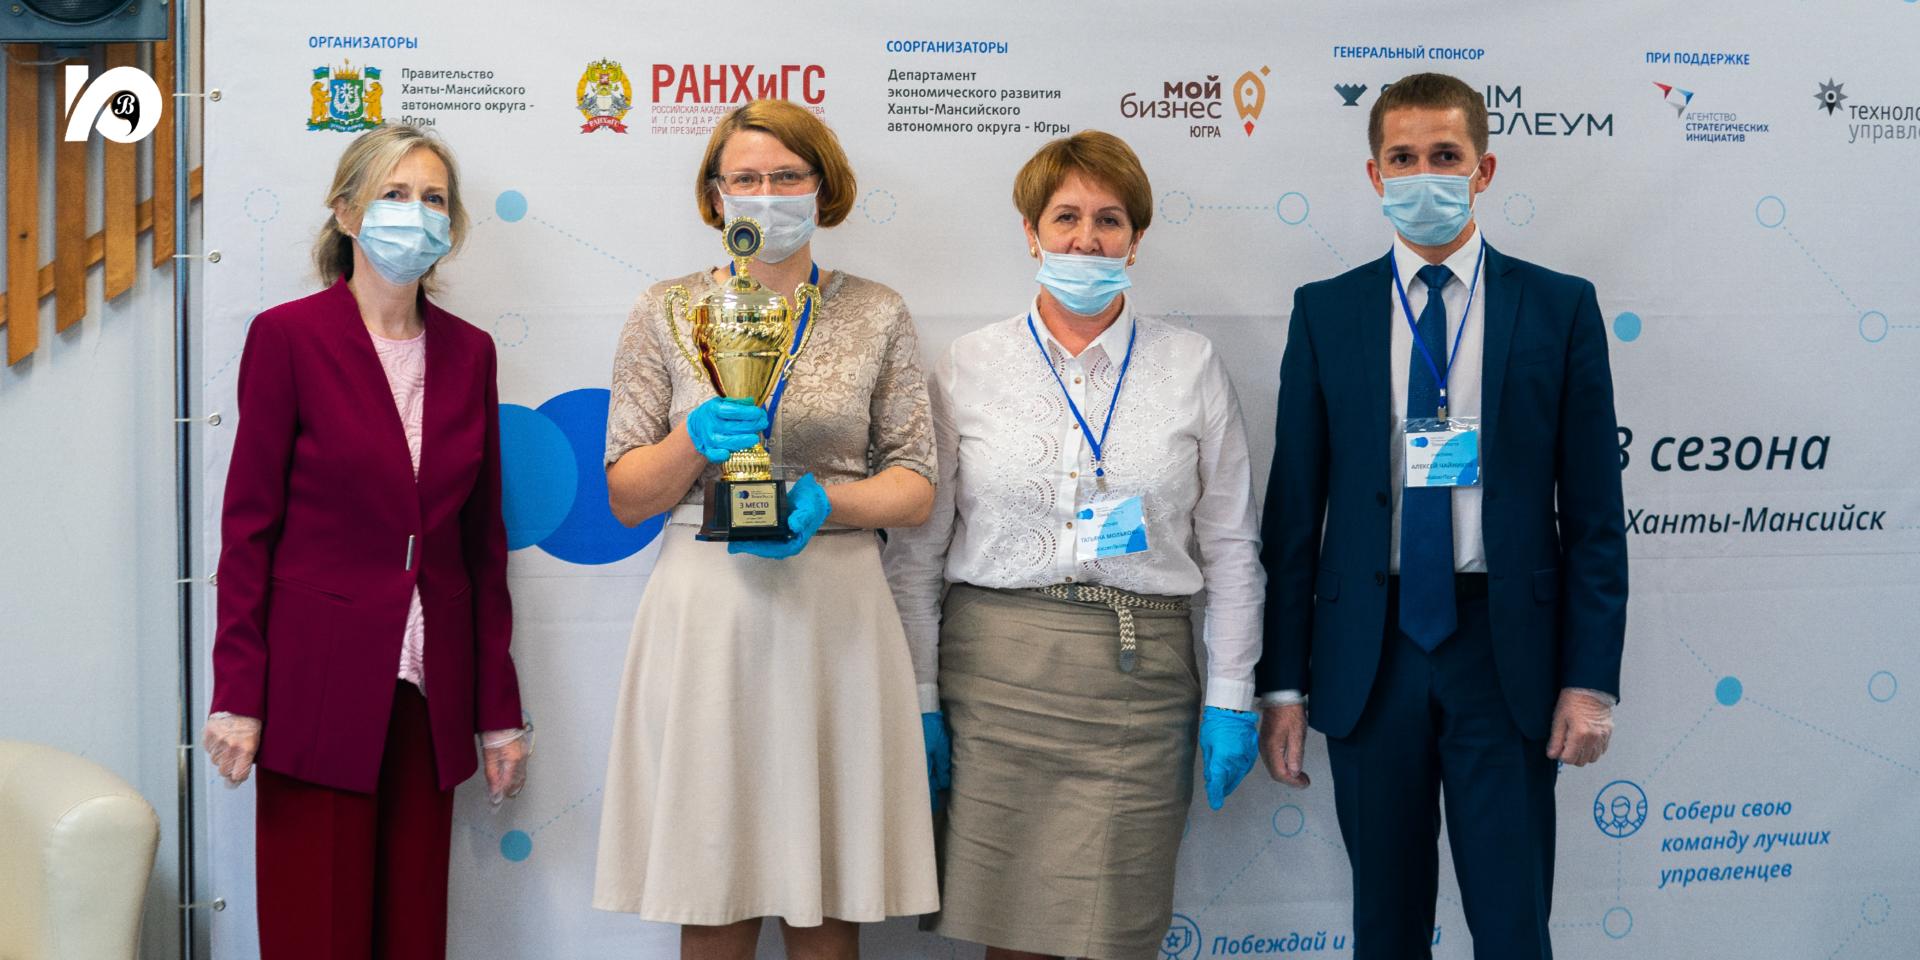 16 июня в Ханты-Мансийске состоялся финал регионального этапа чемпионата по управлению бизнесом Global Management Challenge – «Точка роста». На него съехались 112 команд из всех муниципалитетов округа – а это почти 500 человек.